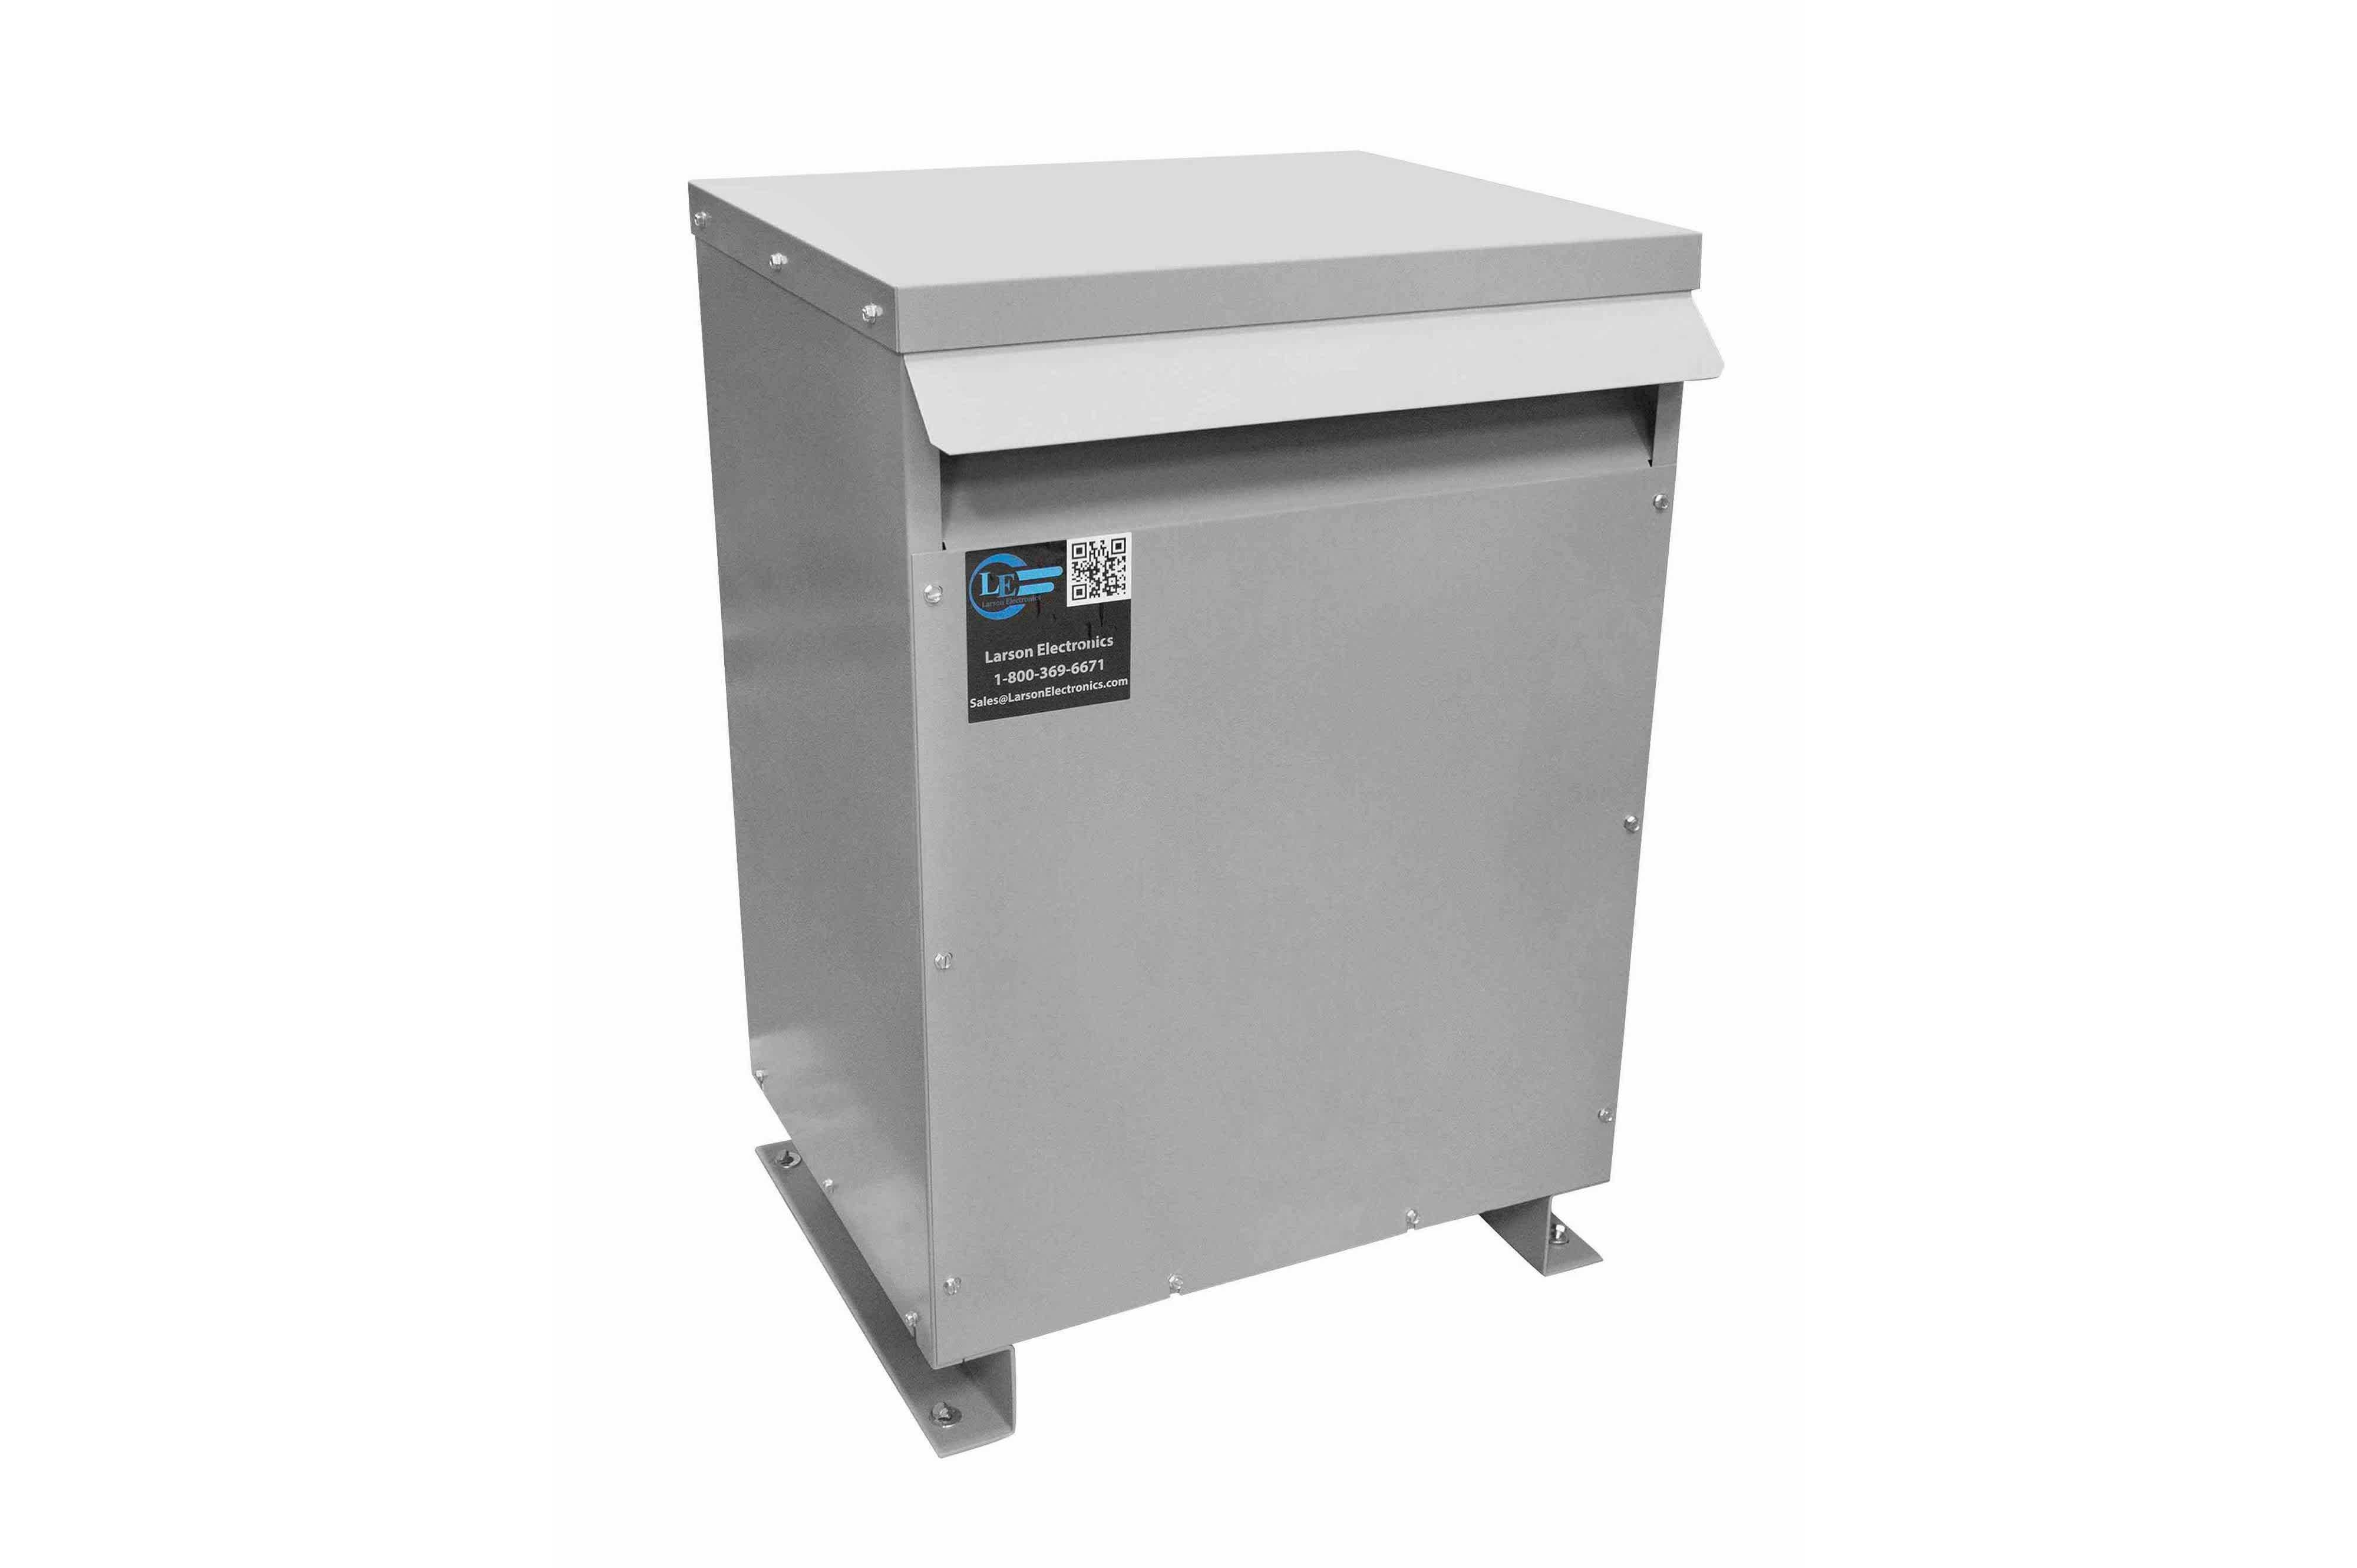 175 kVA 3PH Isolation Transformer, 480V Delta Primary, 400V Delta Secondary, N3R, Ventilated, 60 Hz